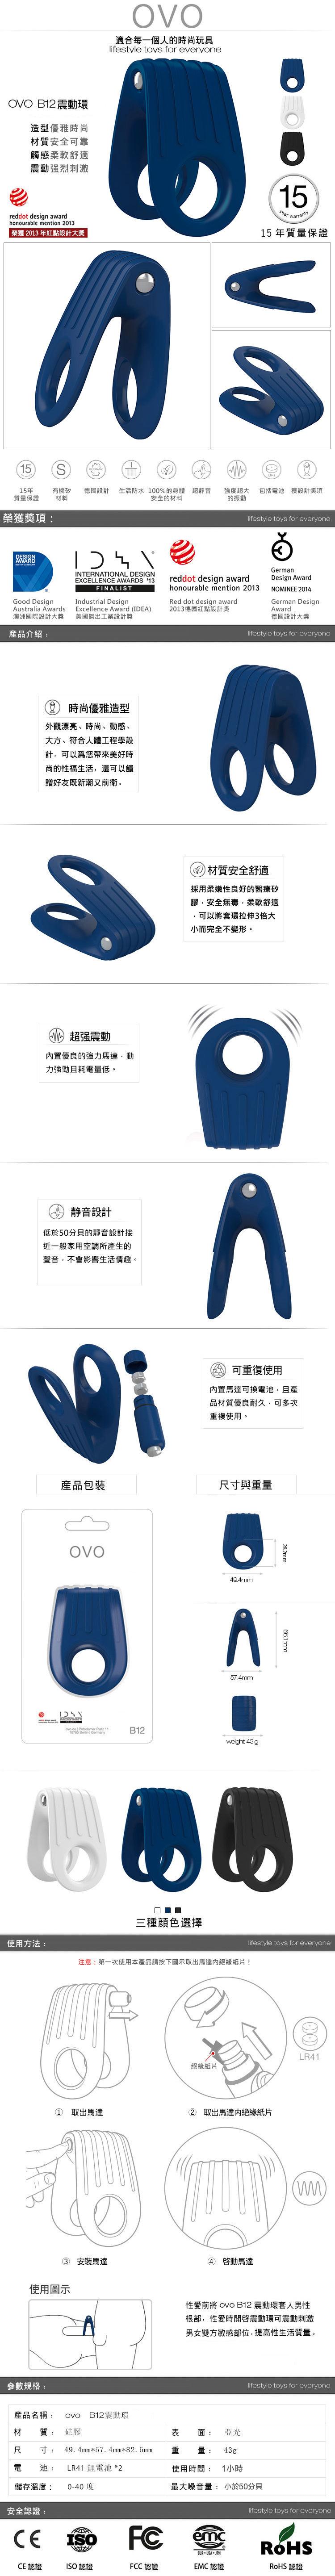 德國OVO-B12 前衛男性 矽膠靜音時尚震動環-深藍色